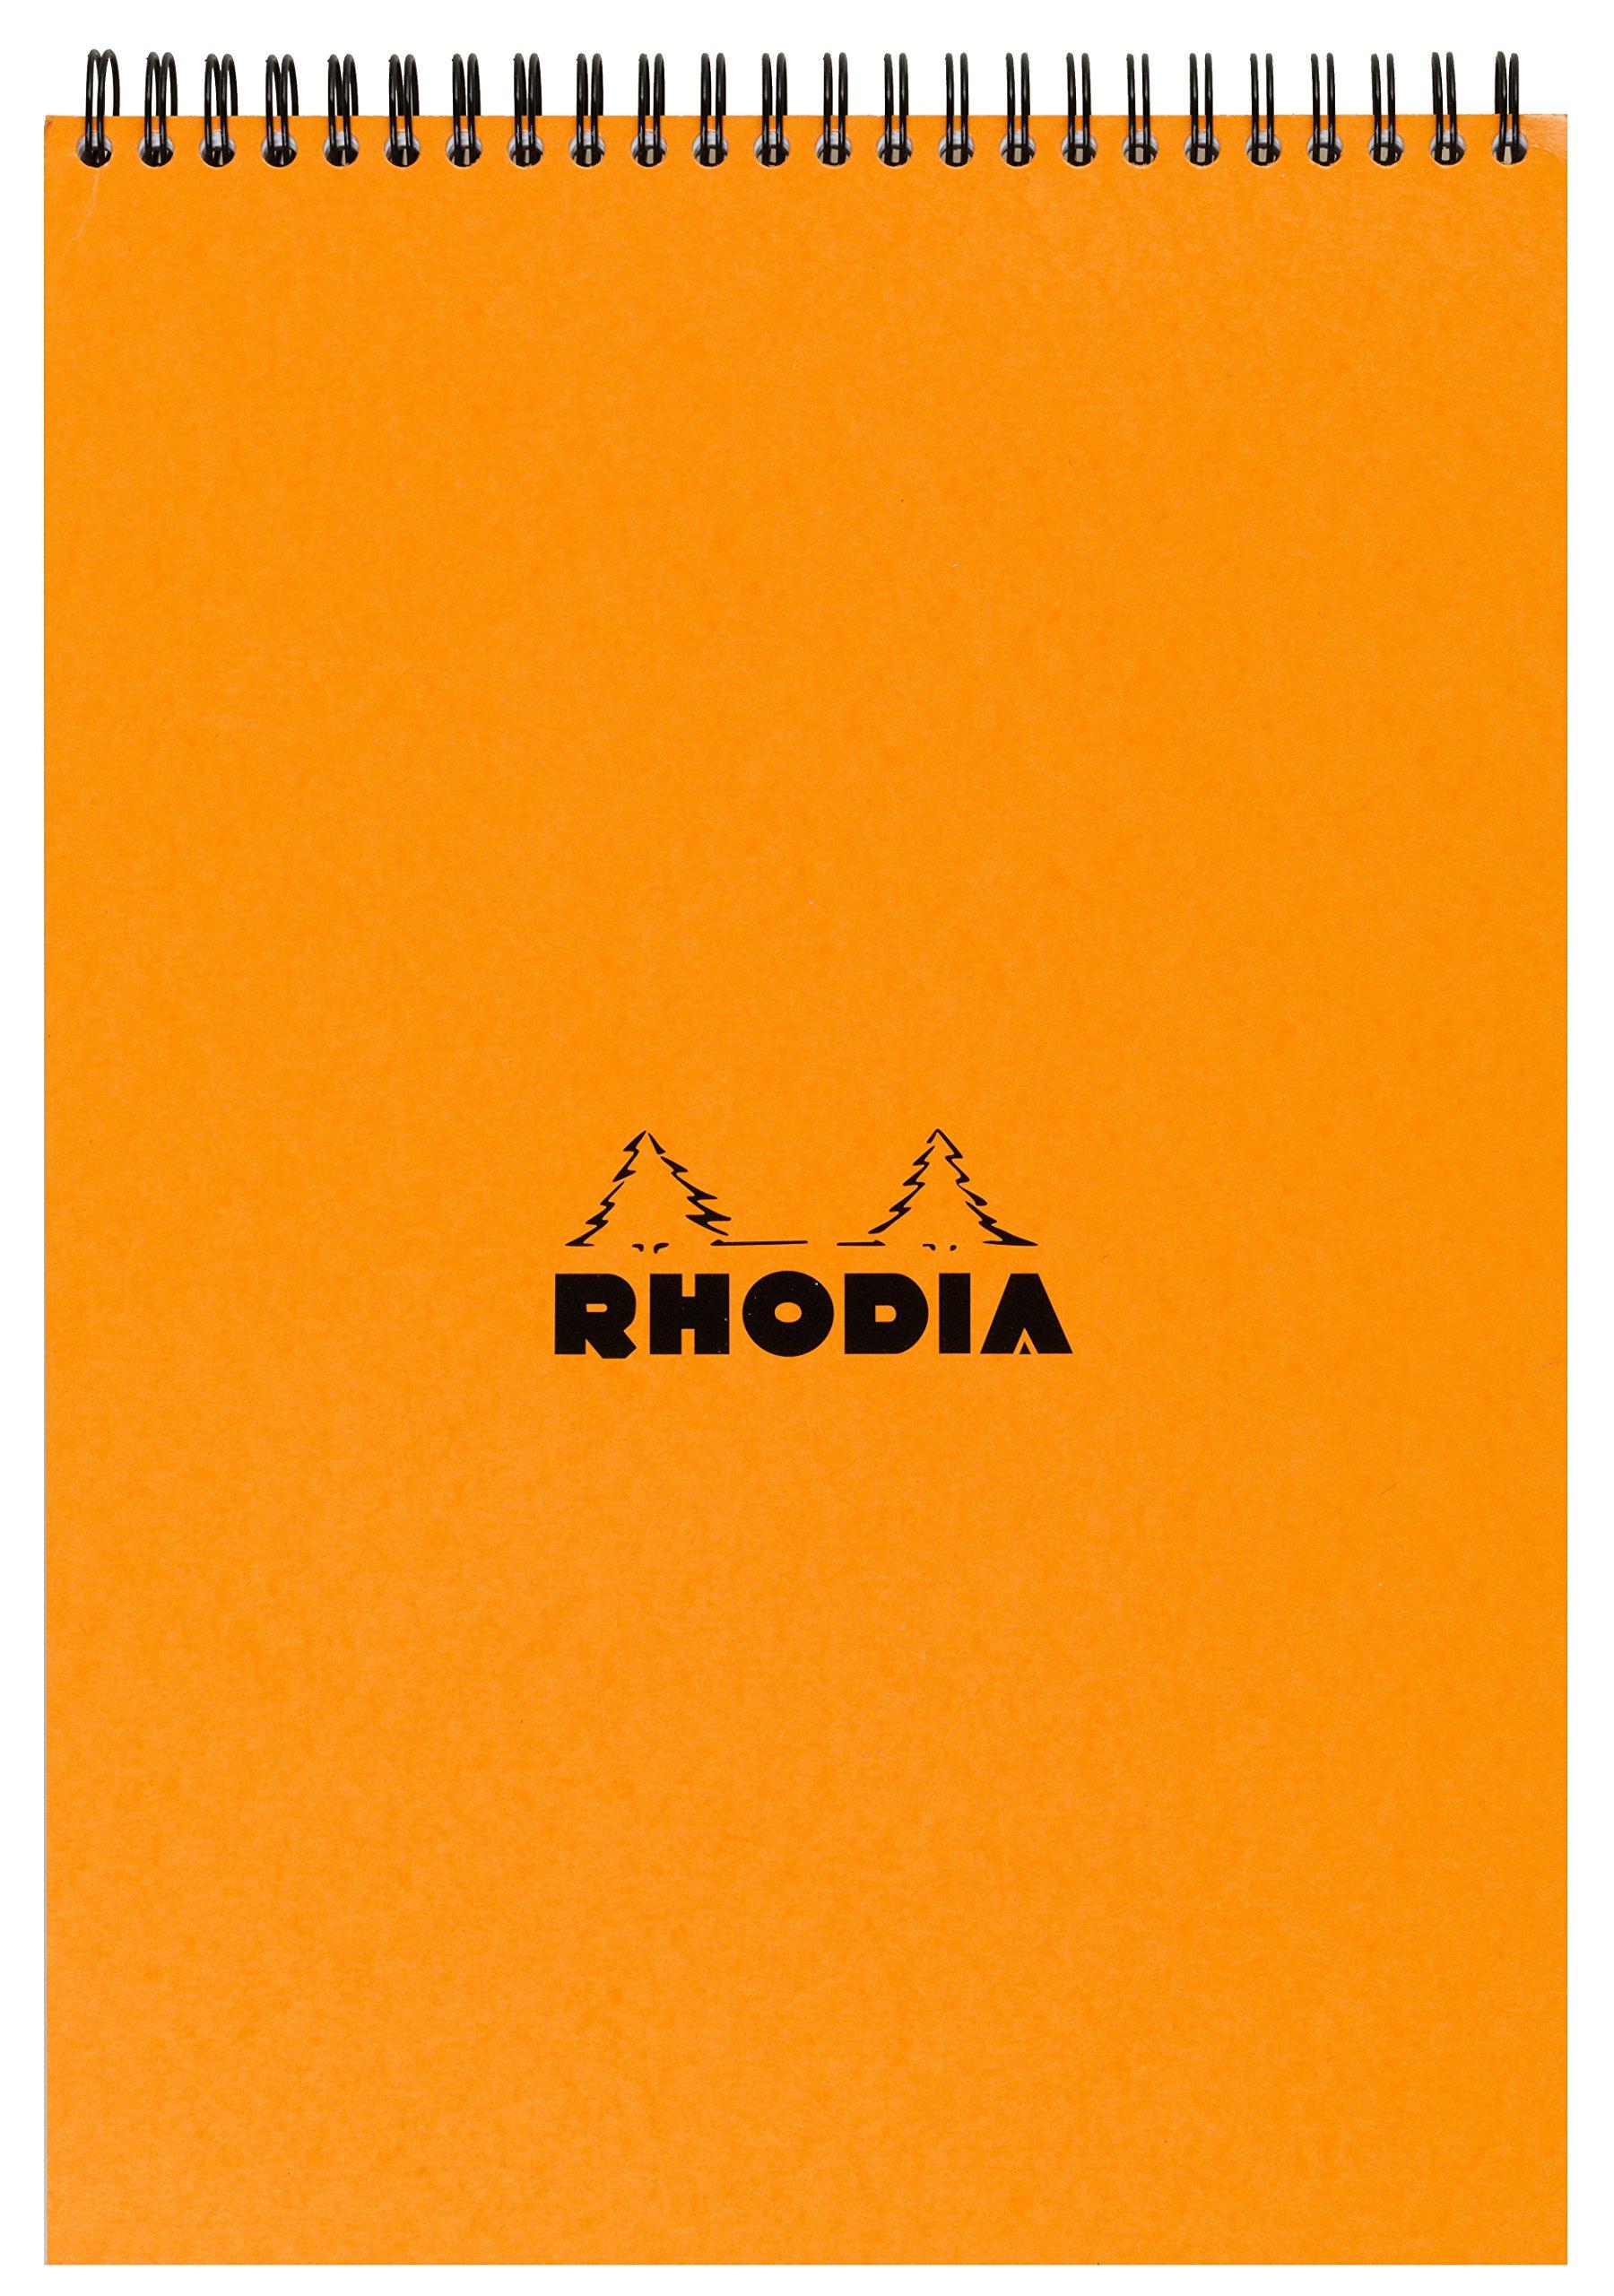 Rhodia Wirebound Pad - A4 (8.25 x 11.75 inches) - Grid, Orange